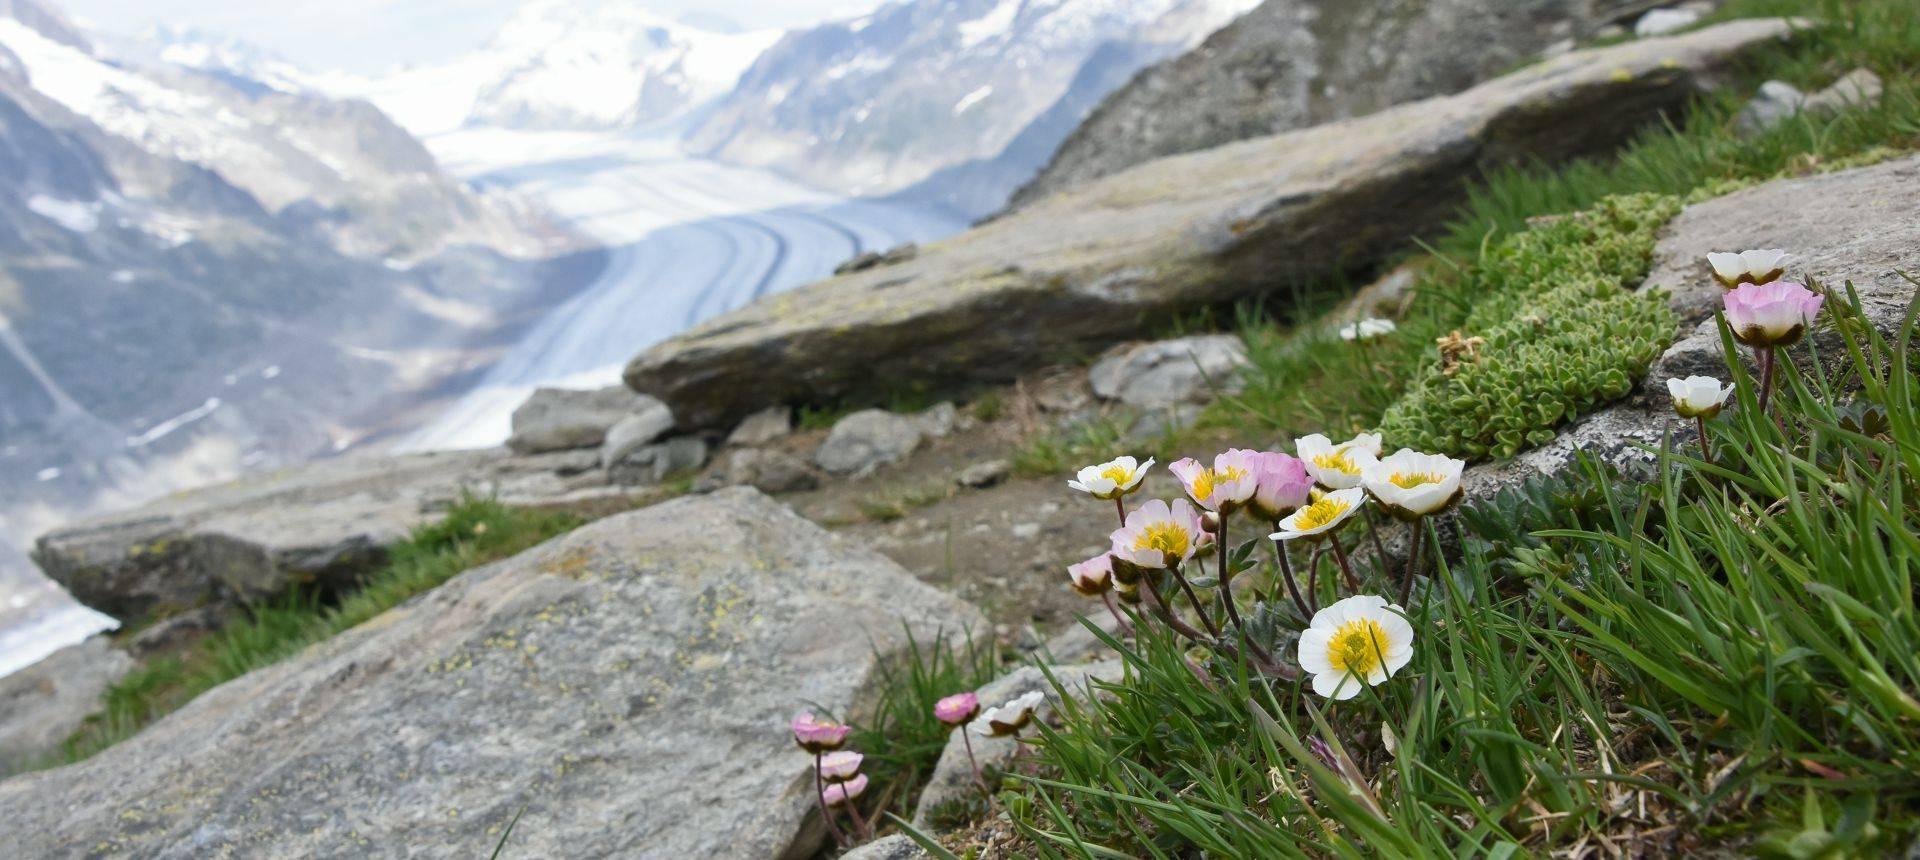 Glacier Crowfoot (Ranunculus glacialis)